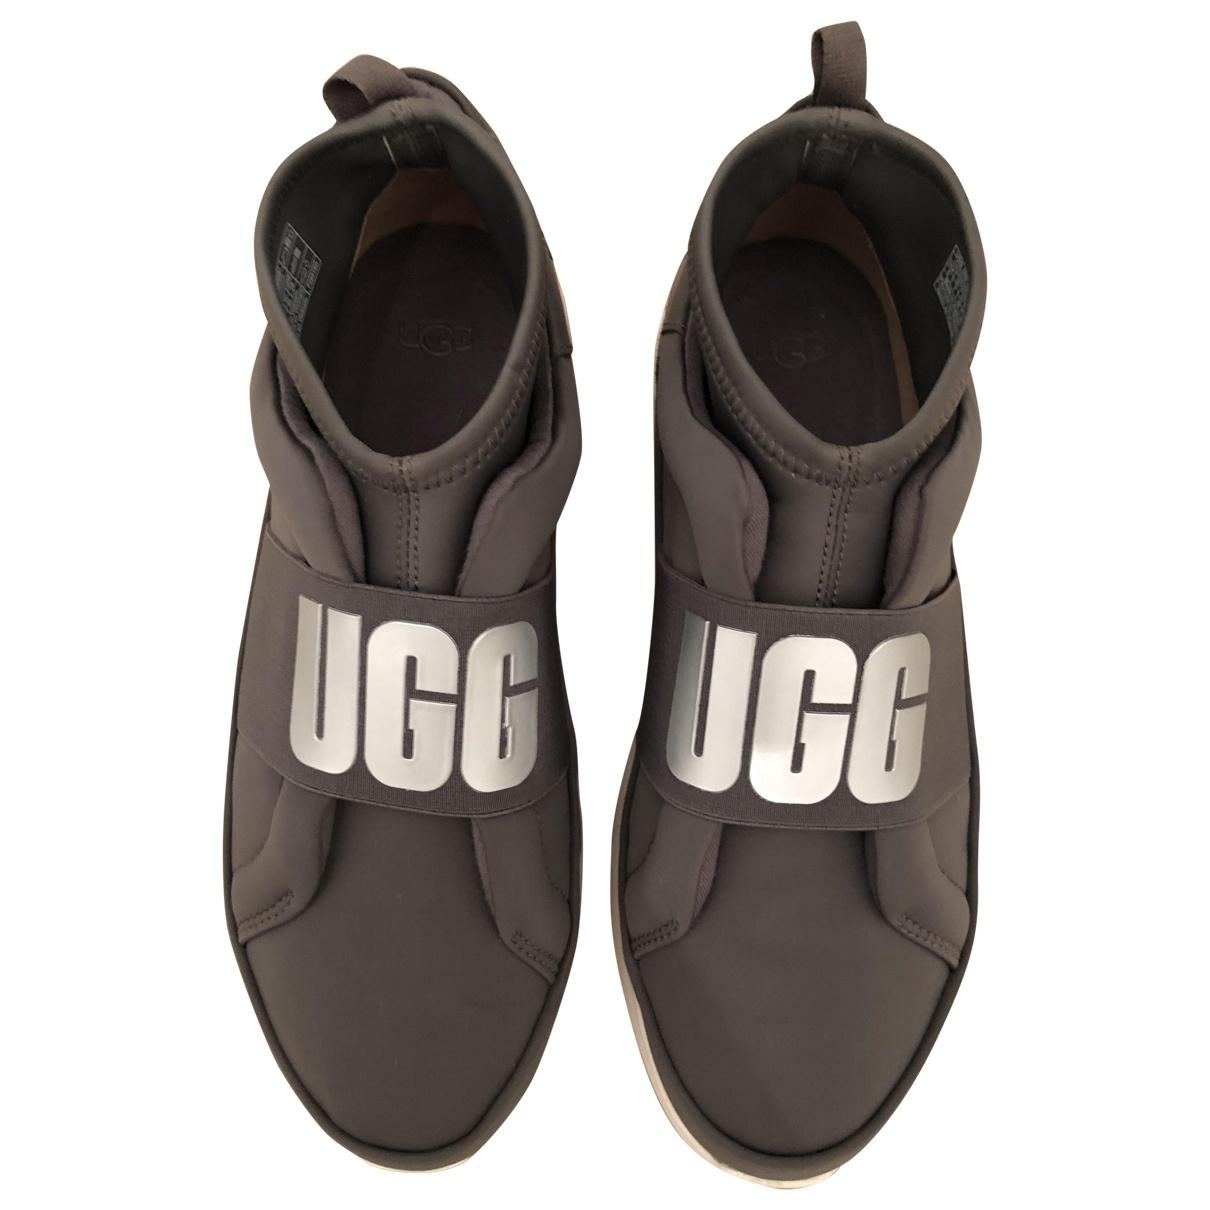 Ugg - Boots   pour femme - gris